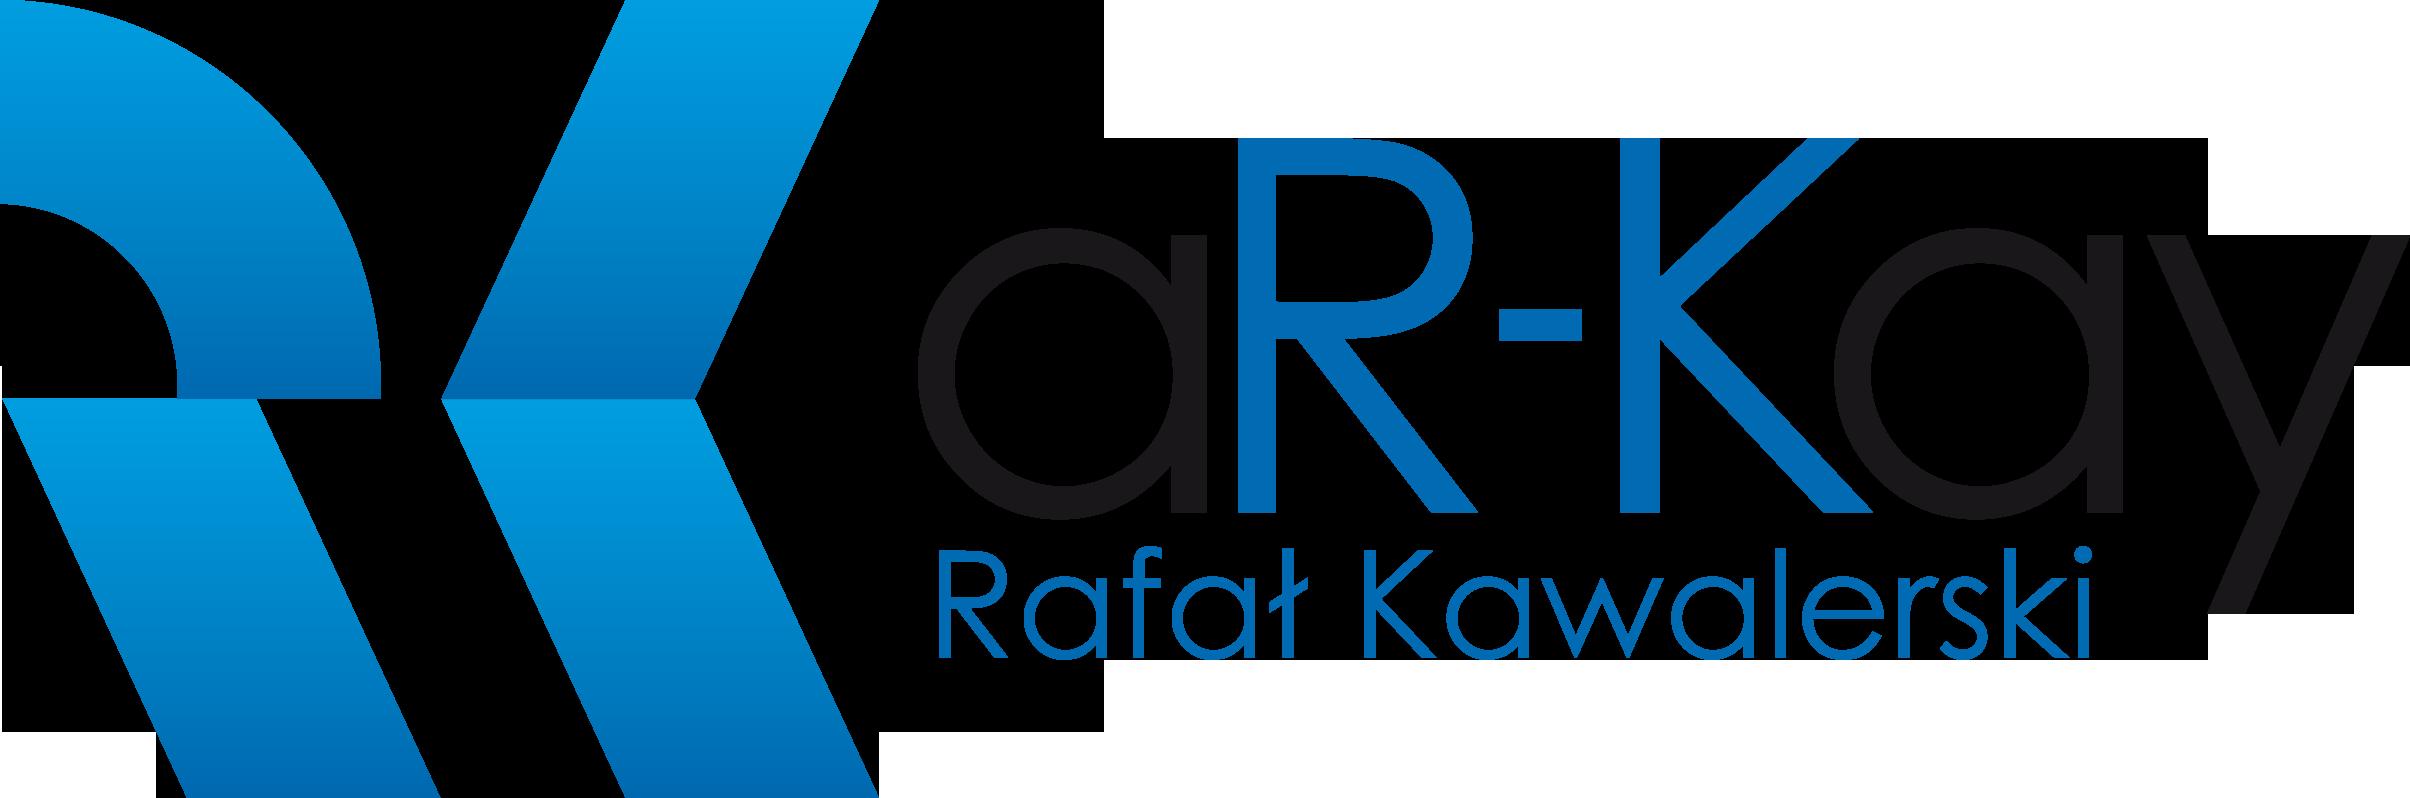 aR-Kay_logo